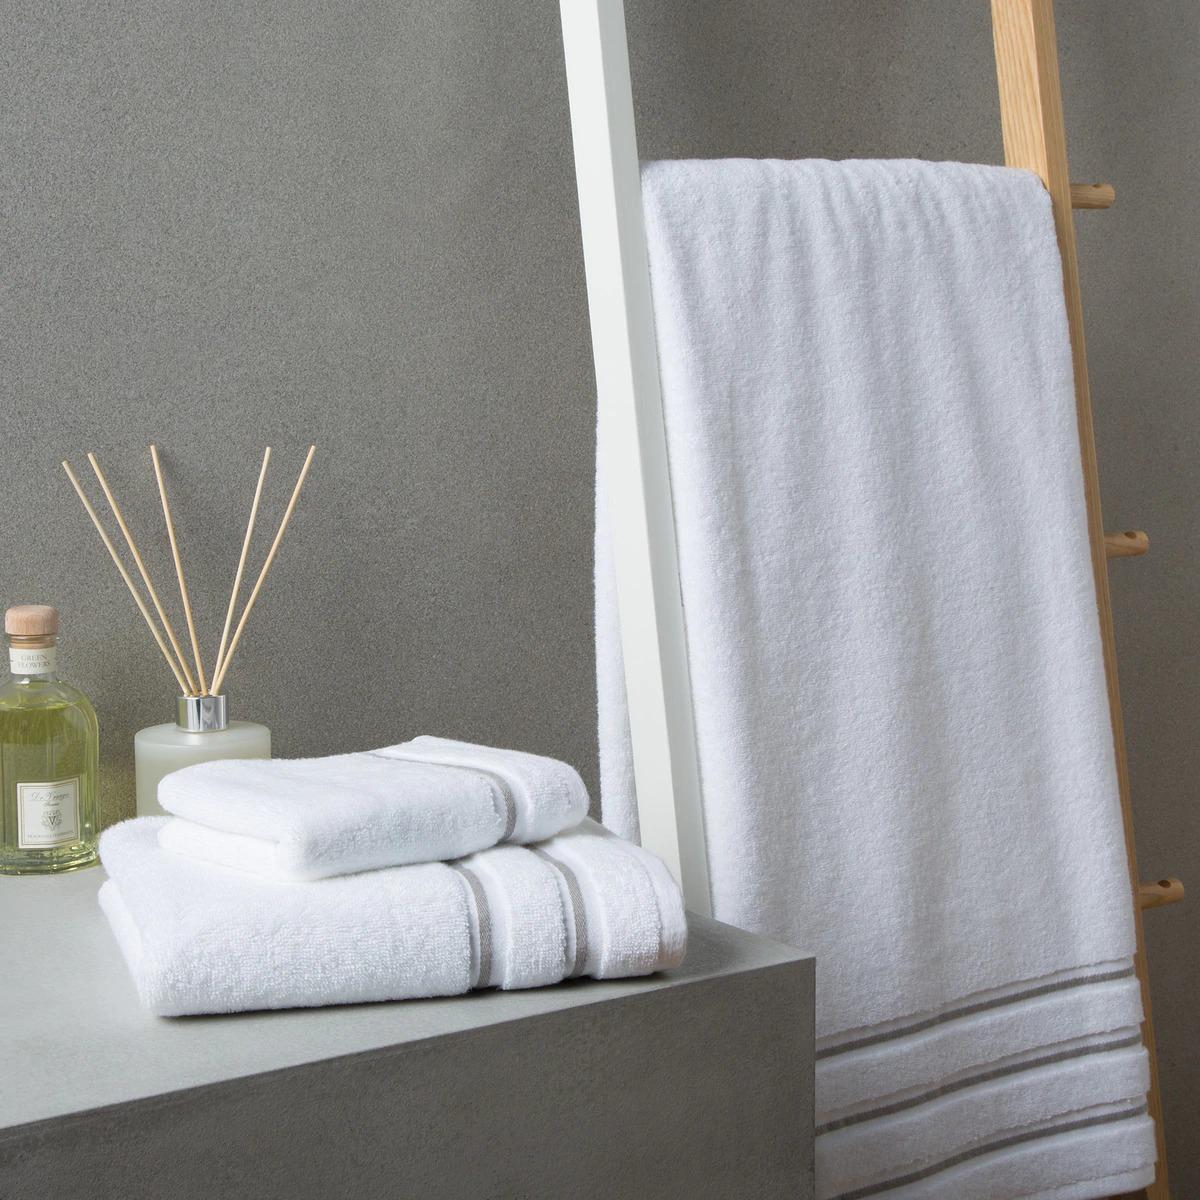 Toalla de baño Aqua Fibro Hotel El Corte Inglés